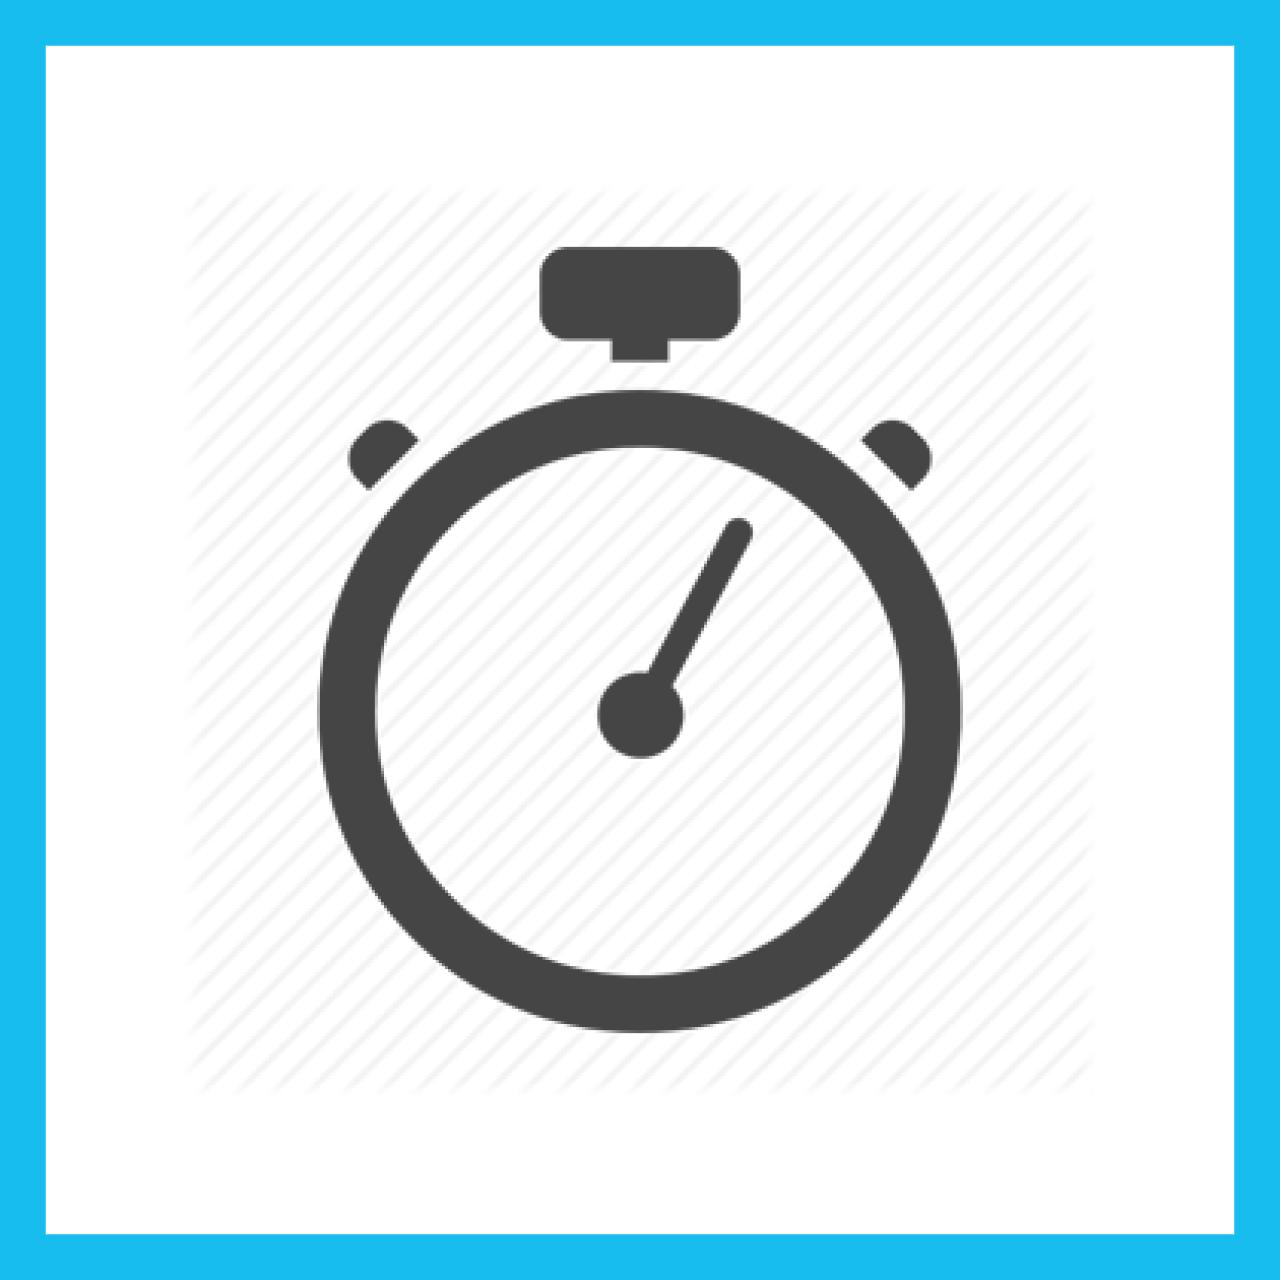 Таймер обратного отсчета для товаров (Countdown) из категории Цены, скидки, акции, подарки для CMS OpenCart (ОпенКарт)